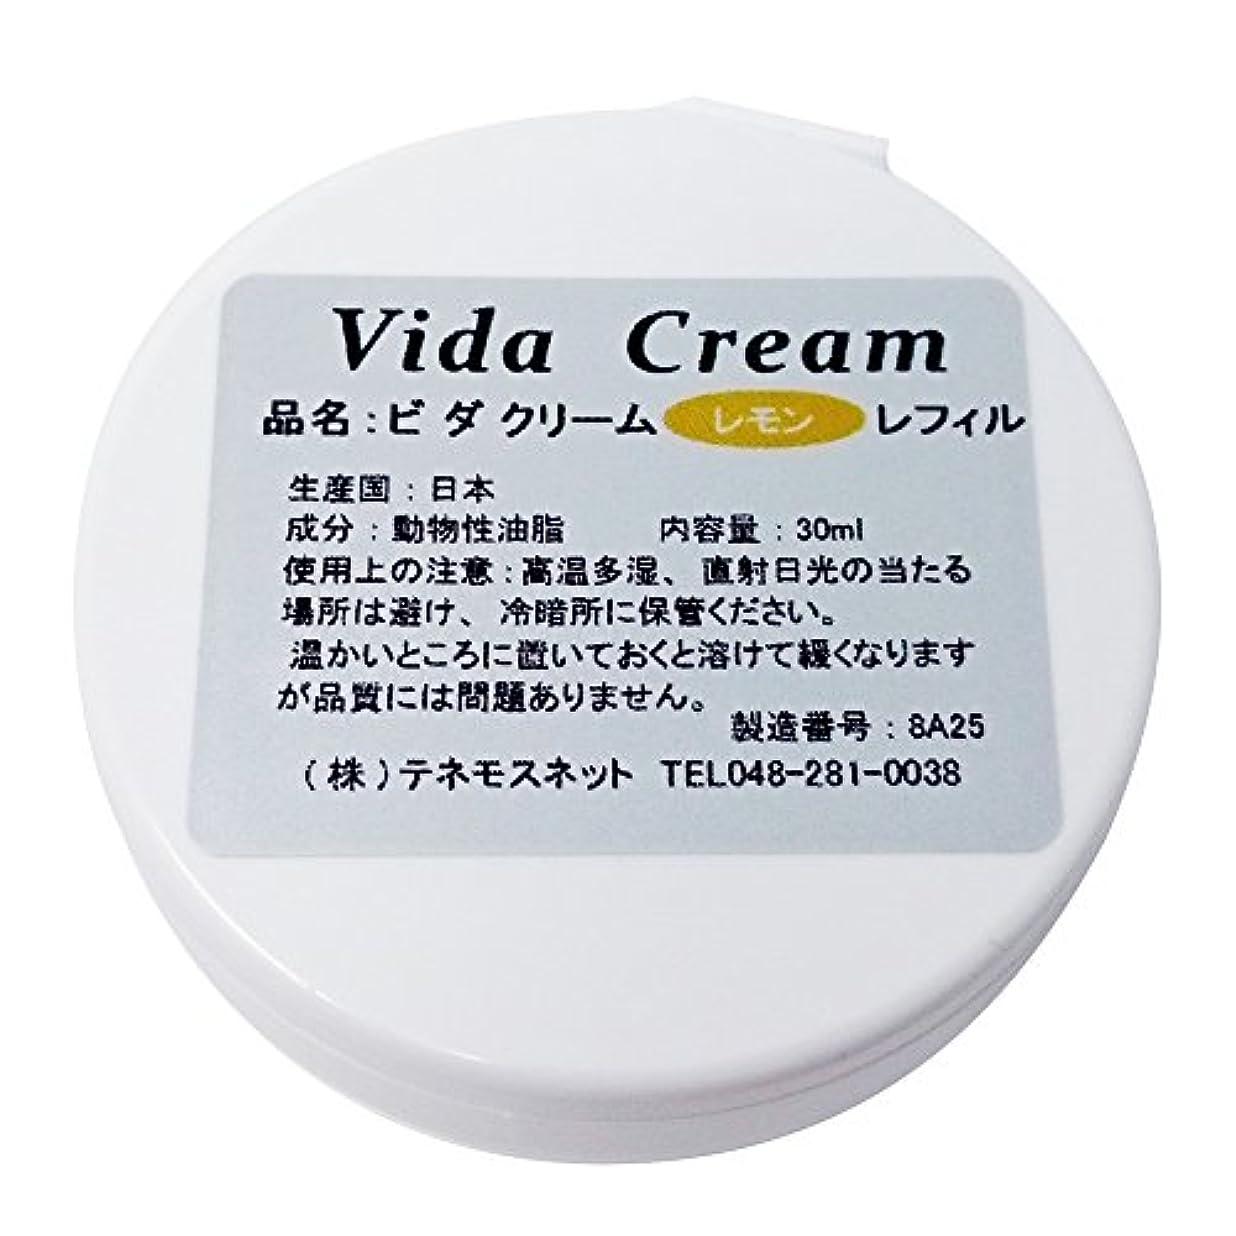 汚染顕著終わらせるテネモス ビダクリーム Vida Cream ほのかレモン レフィル 付替用 30ml